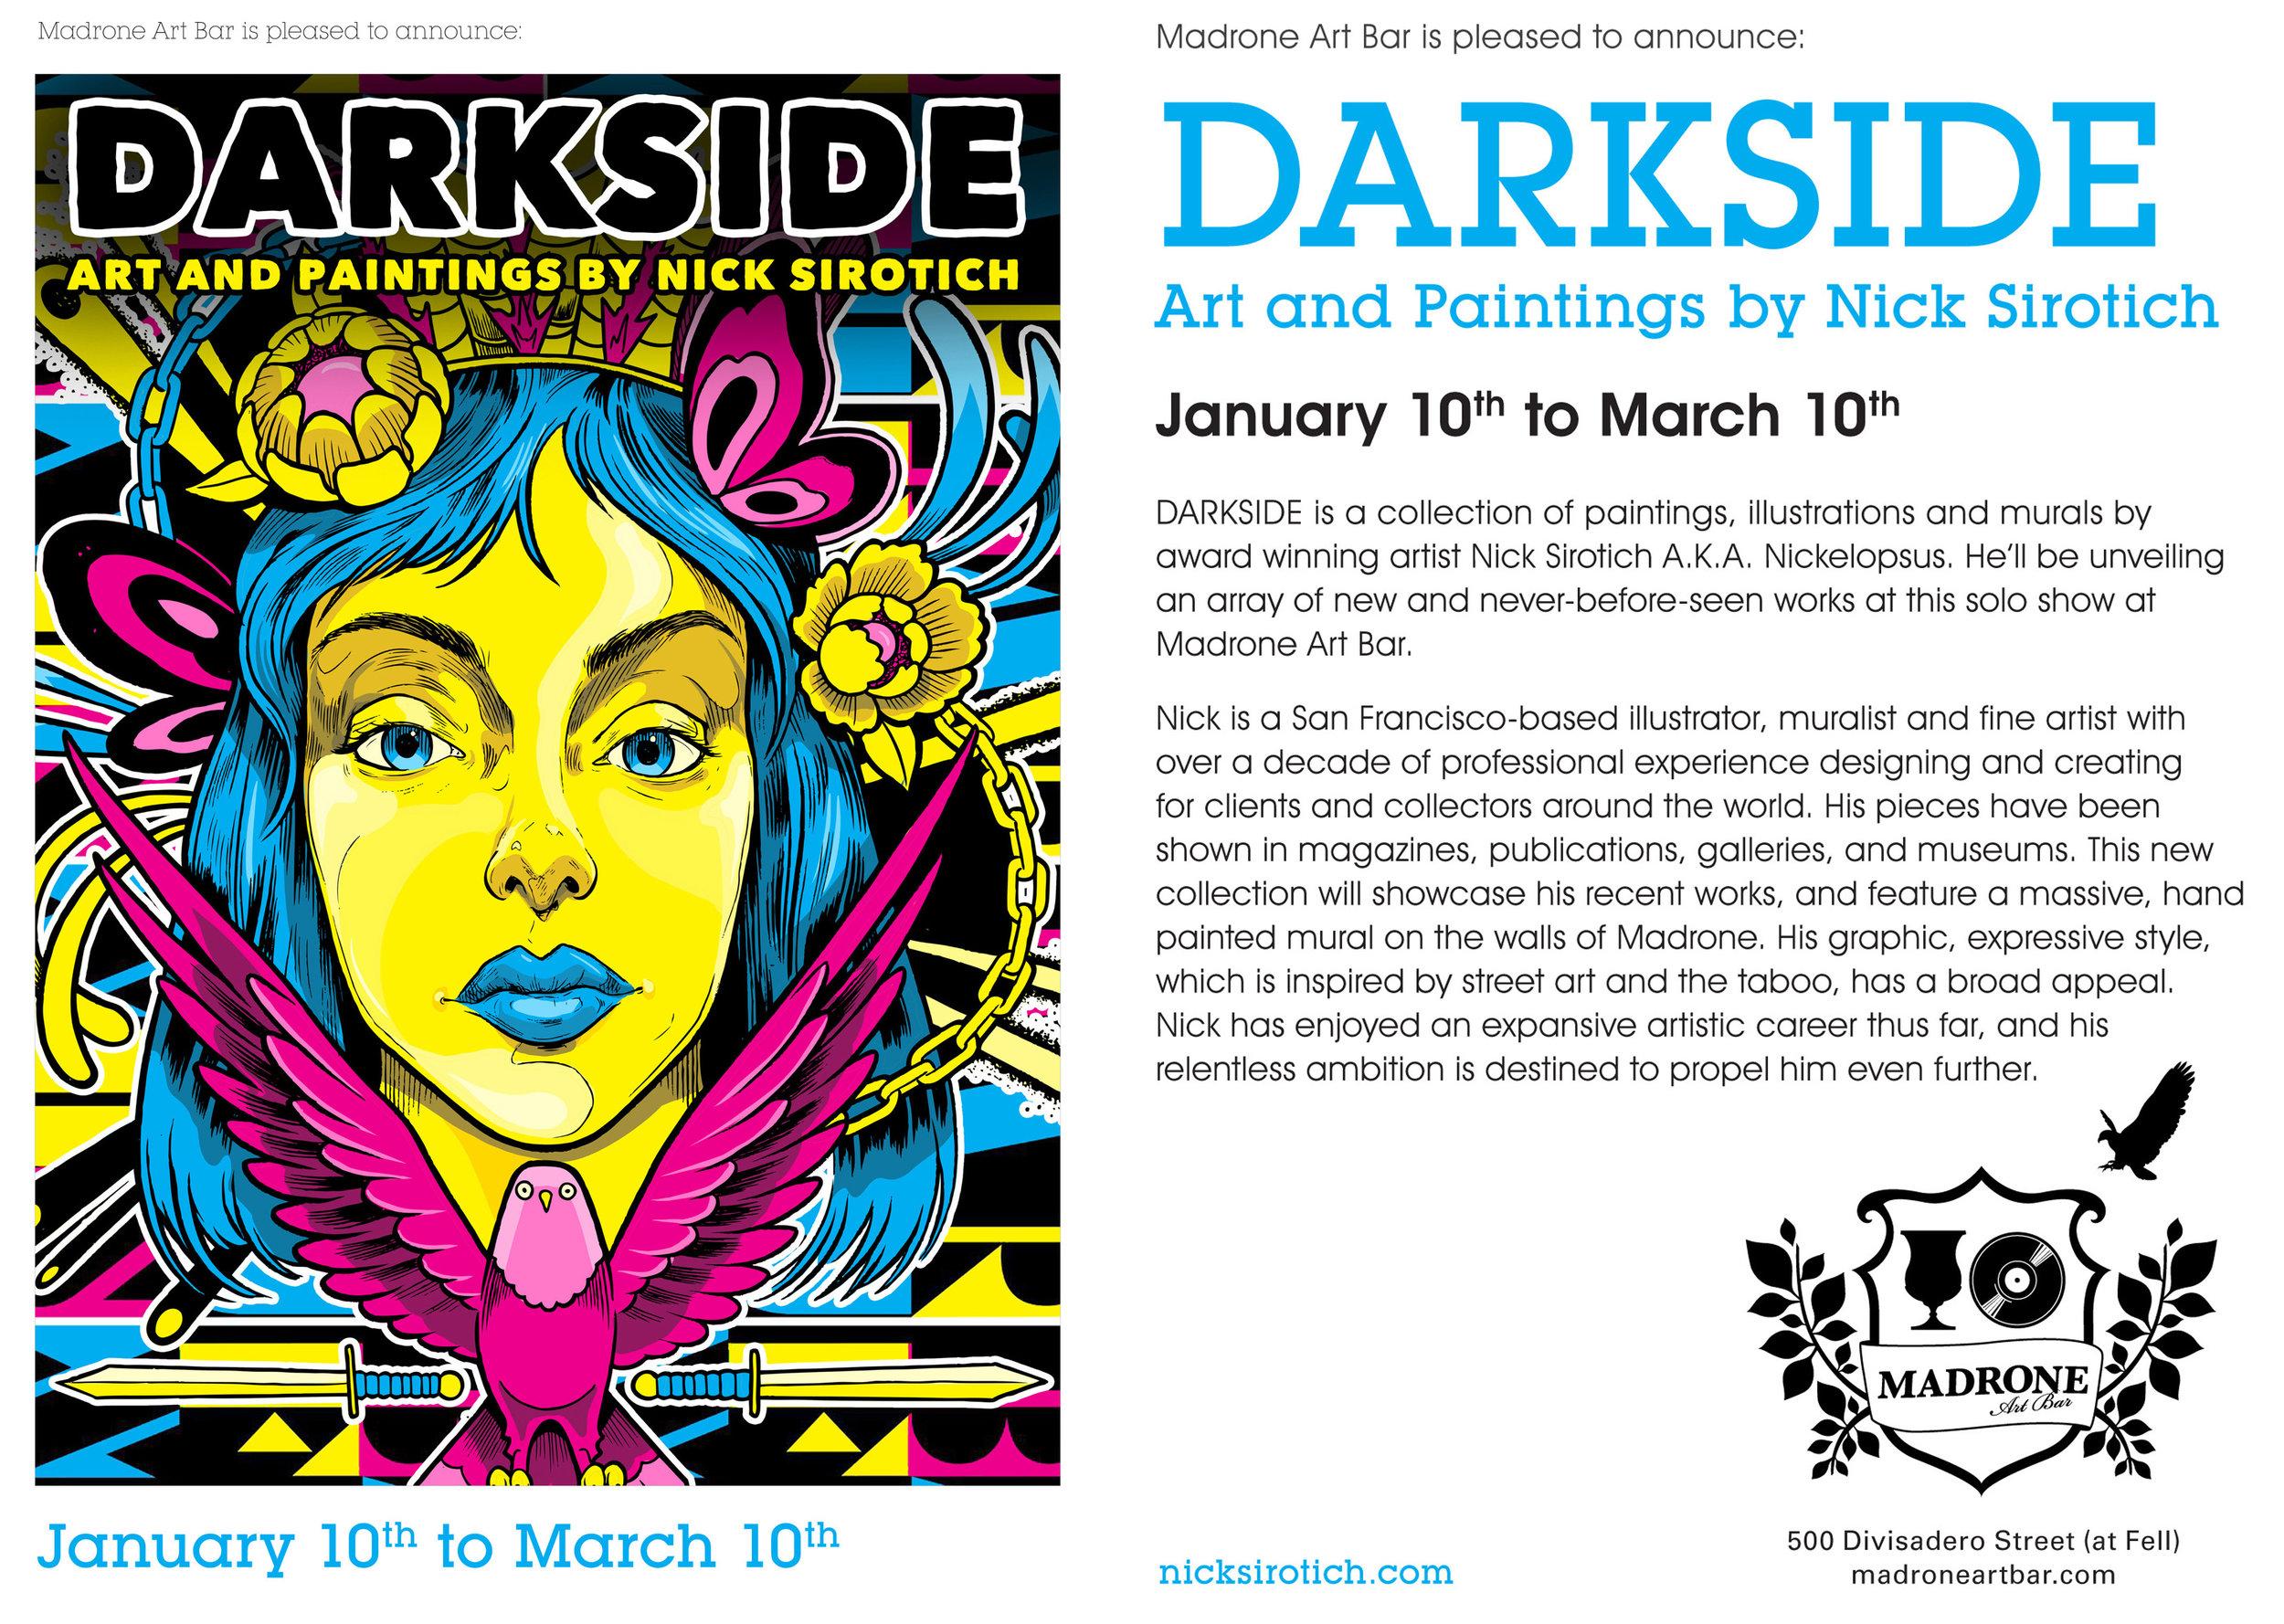 Darksidex1.jpg